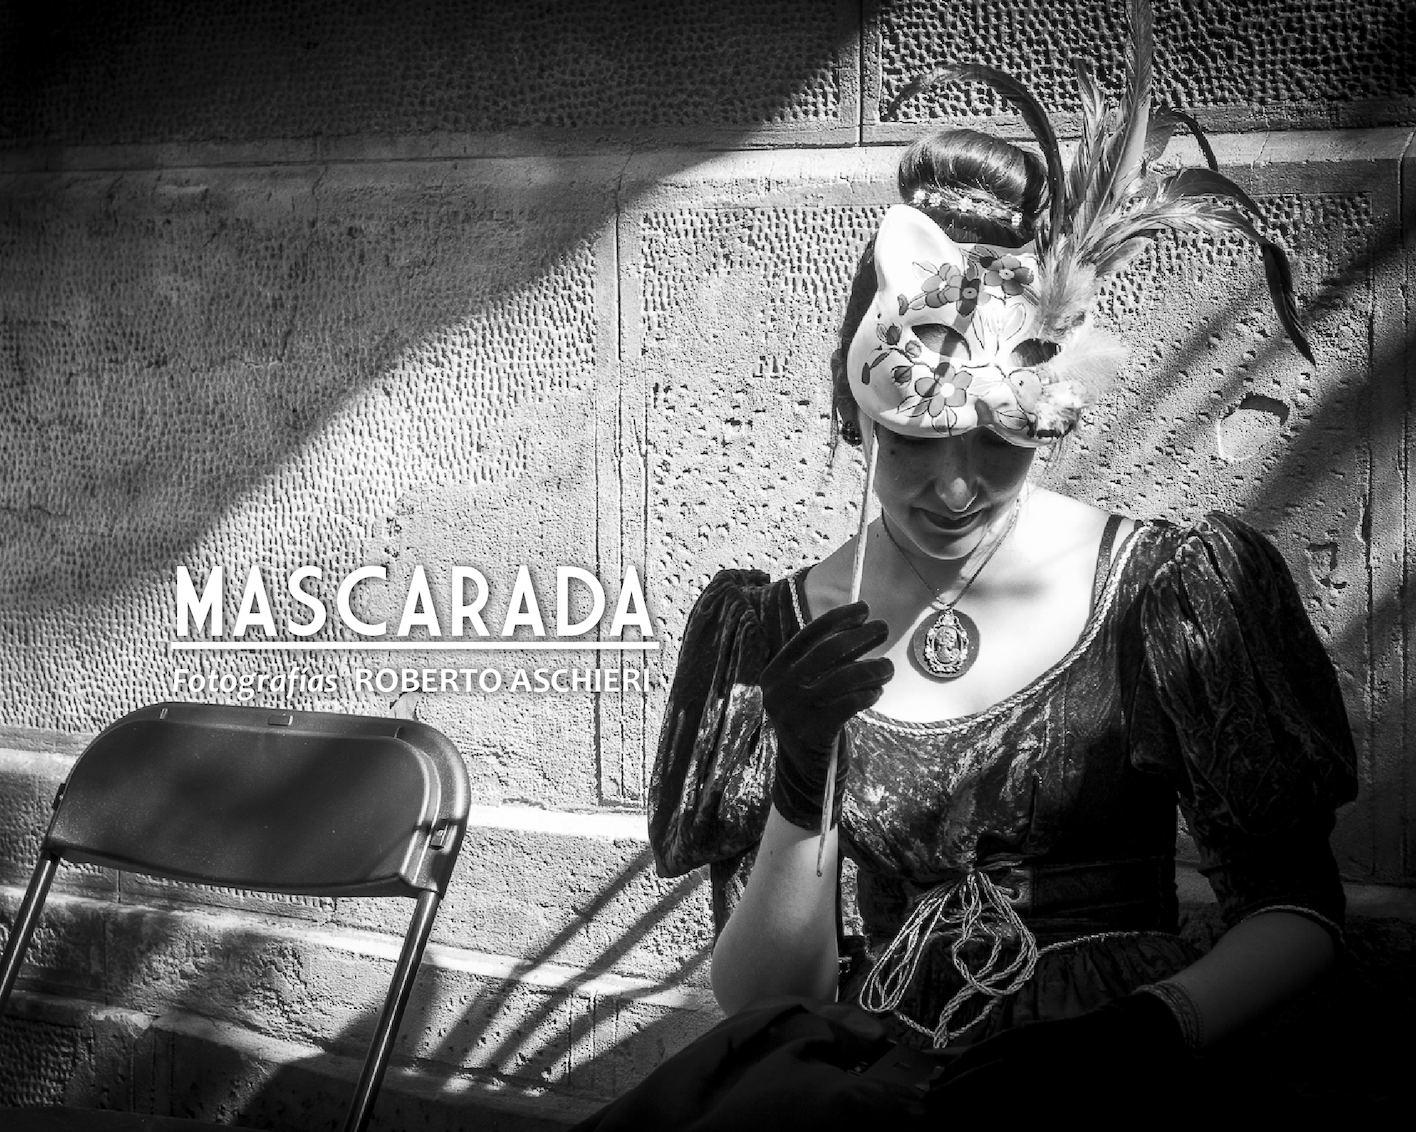 MASCARADA - Edición ampliada